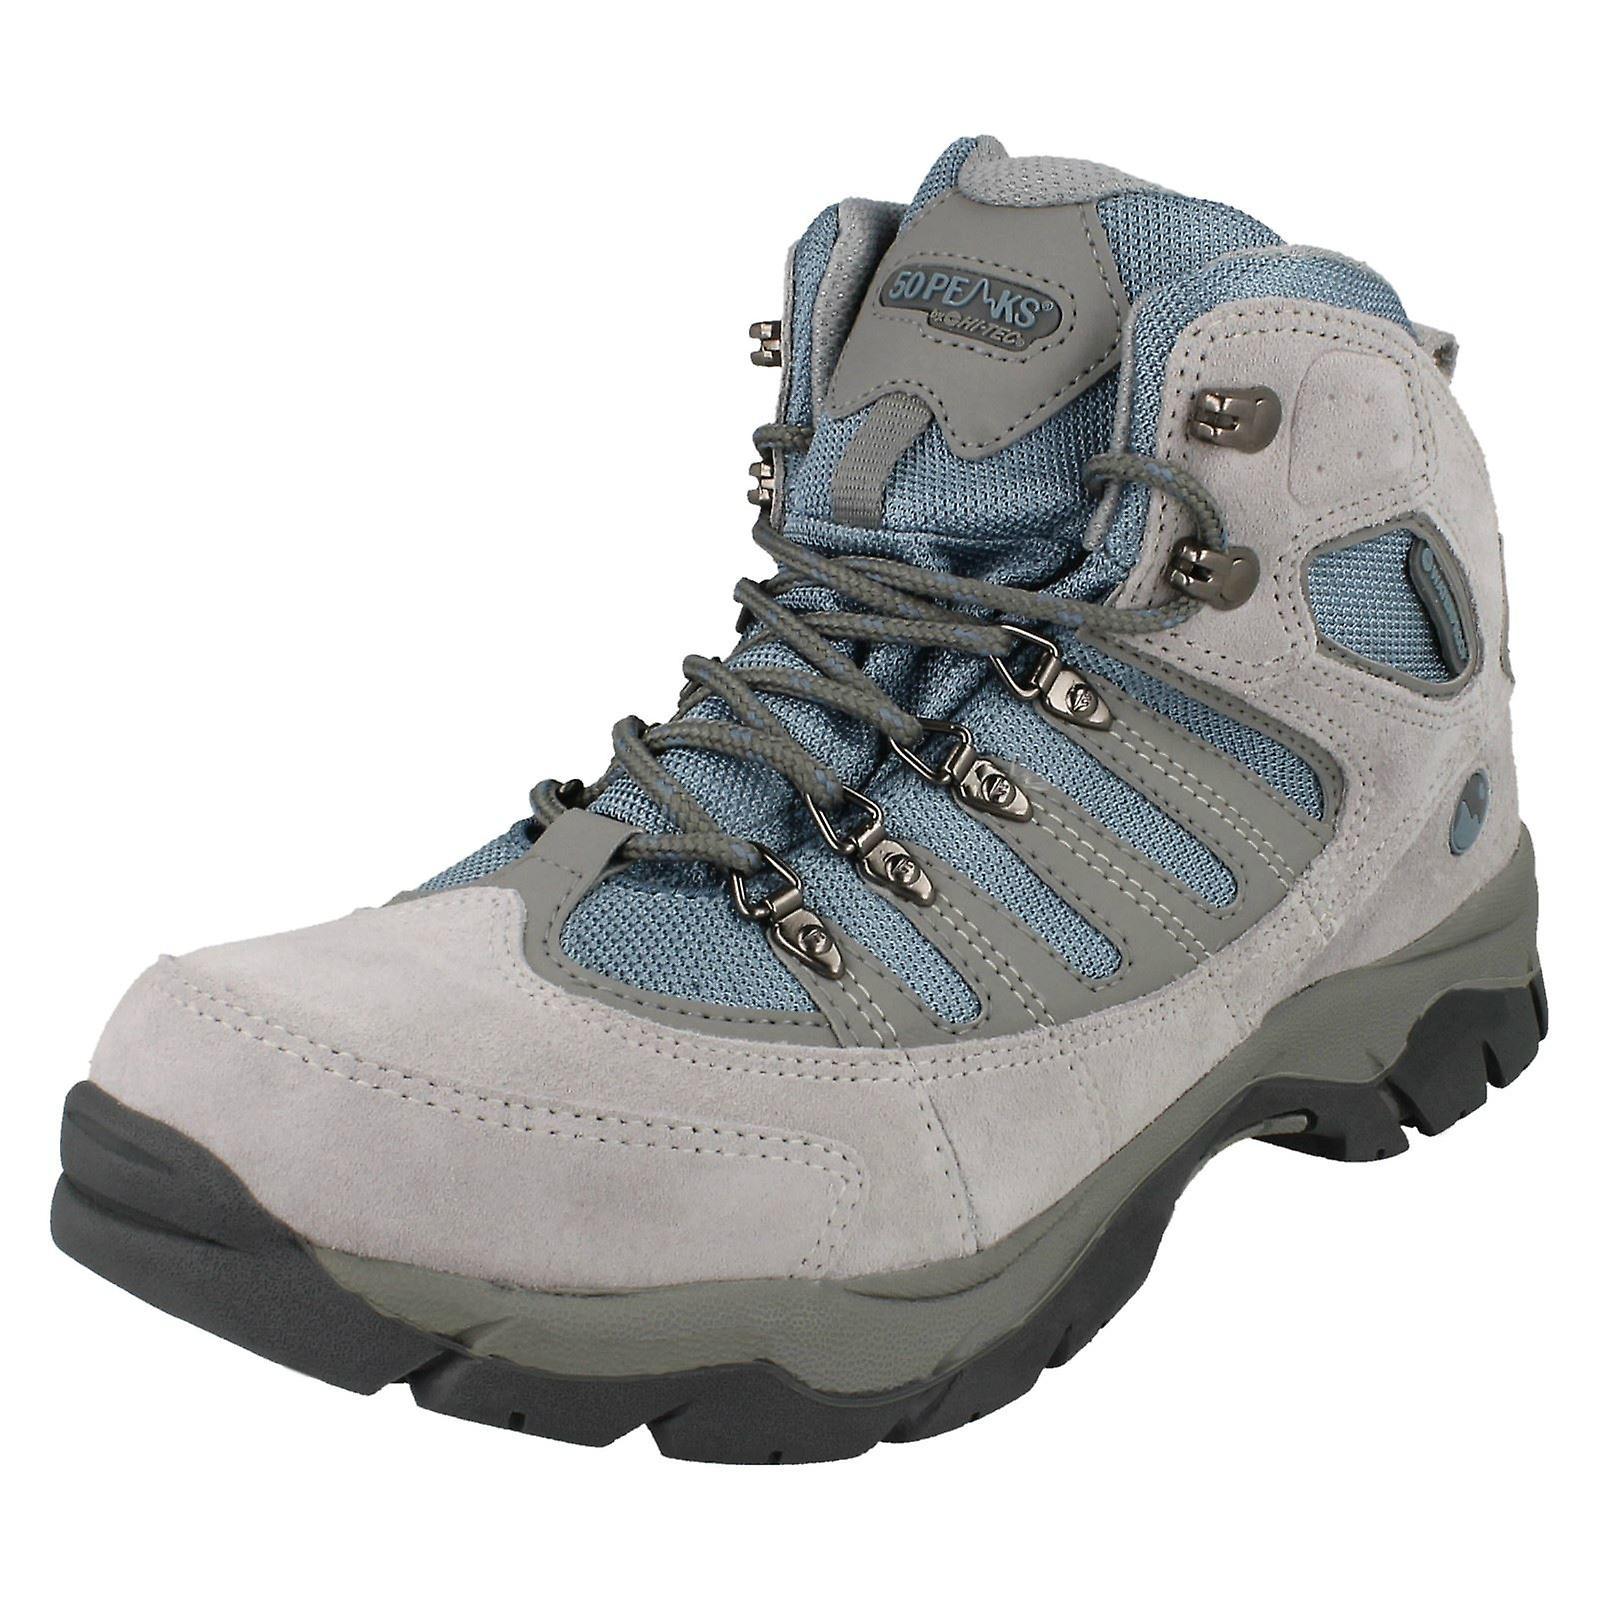 Panie 50 szczytów koronki Hi-Tec do spaceru buty Mckinley uR4IX